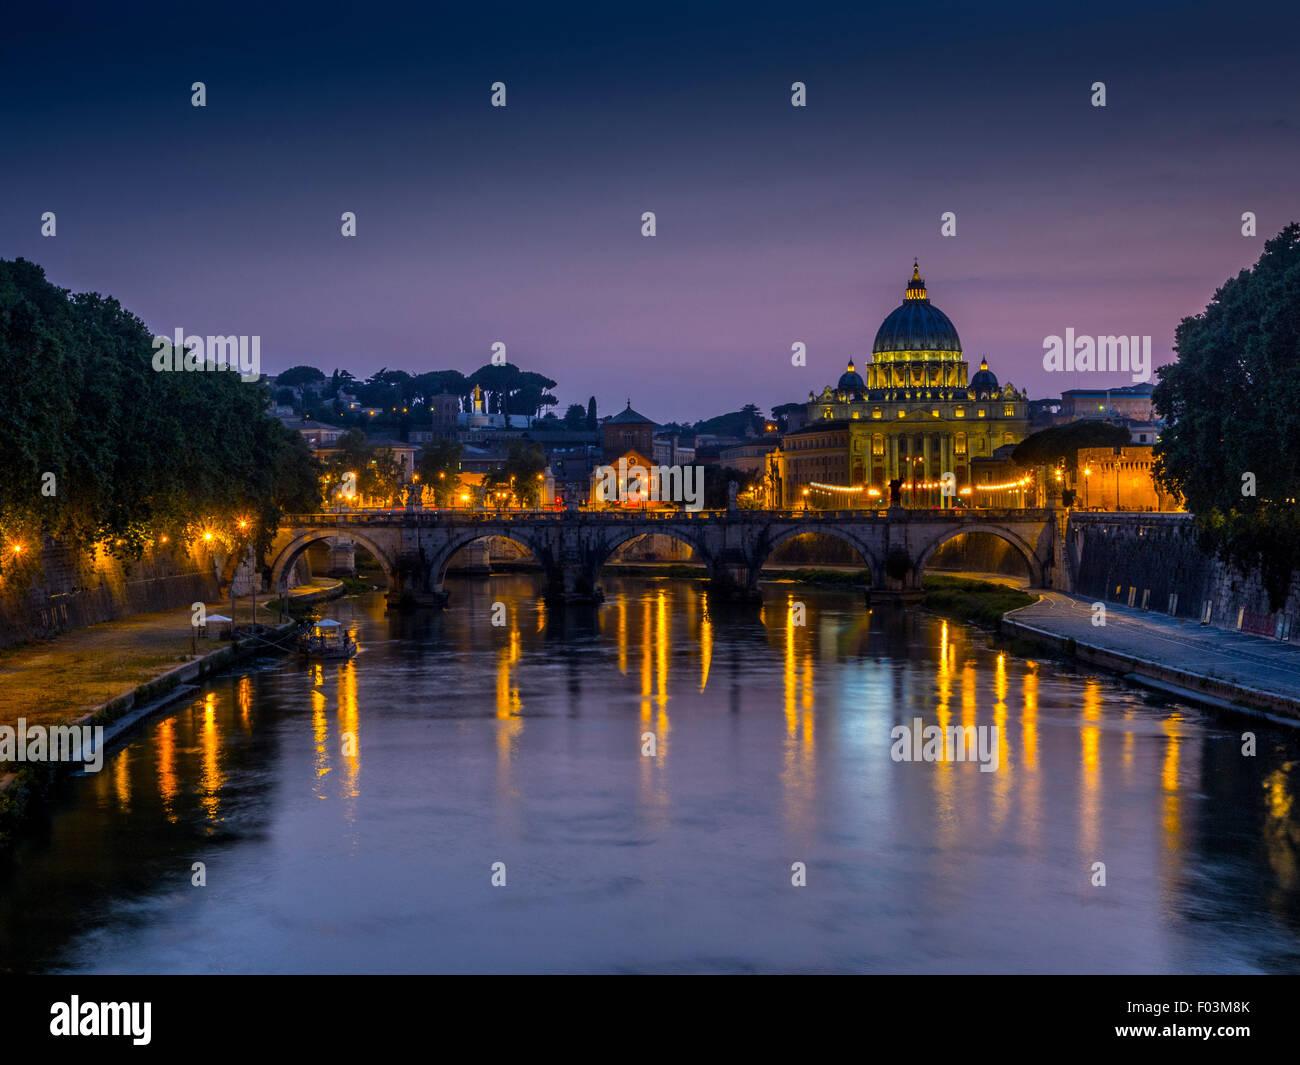 La basilique Saint Pierre. La nuit de la Cité du Vatican, Rome. L'Italie. Banque D'Images